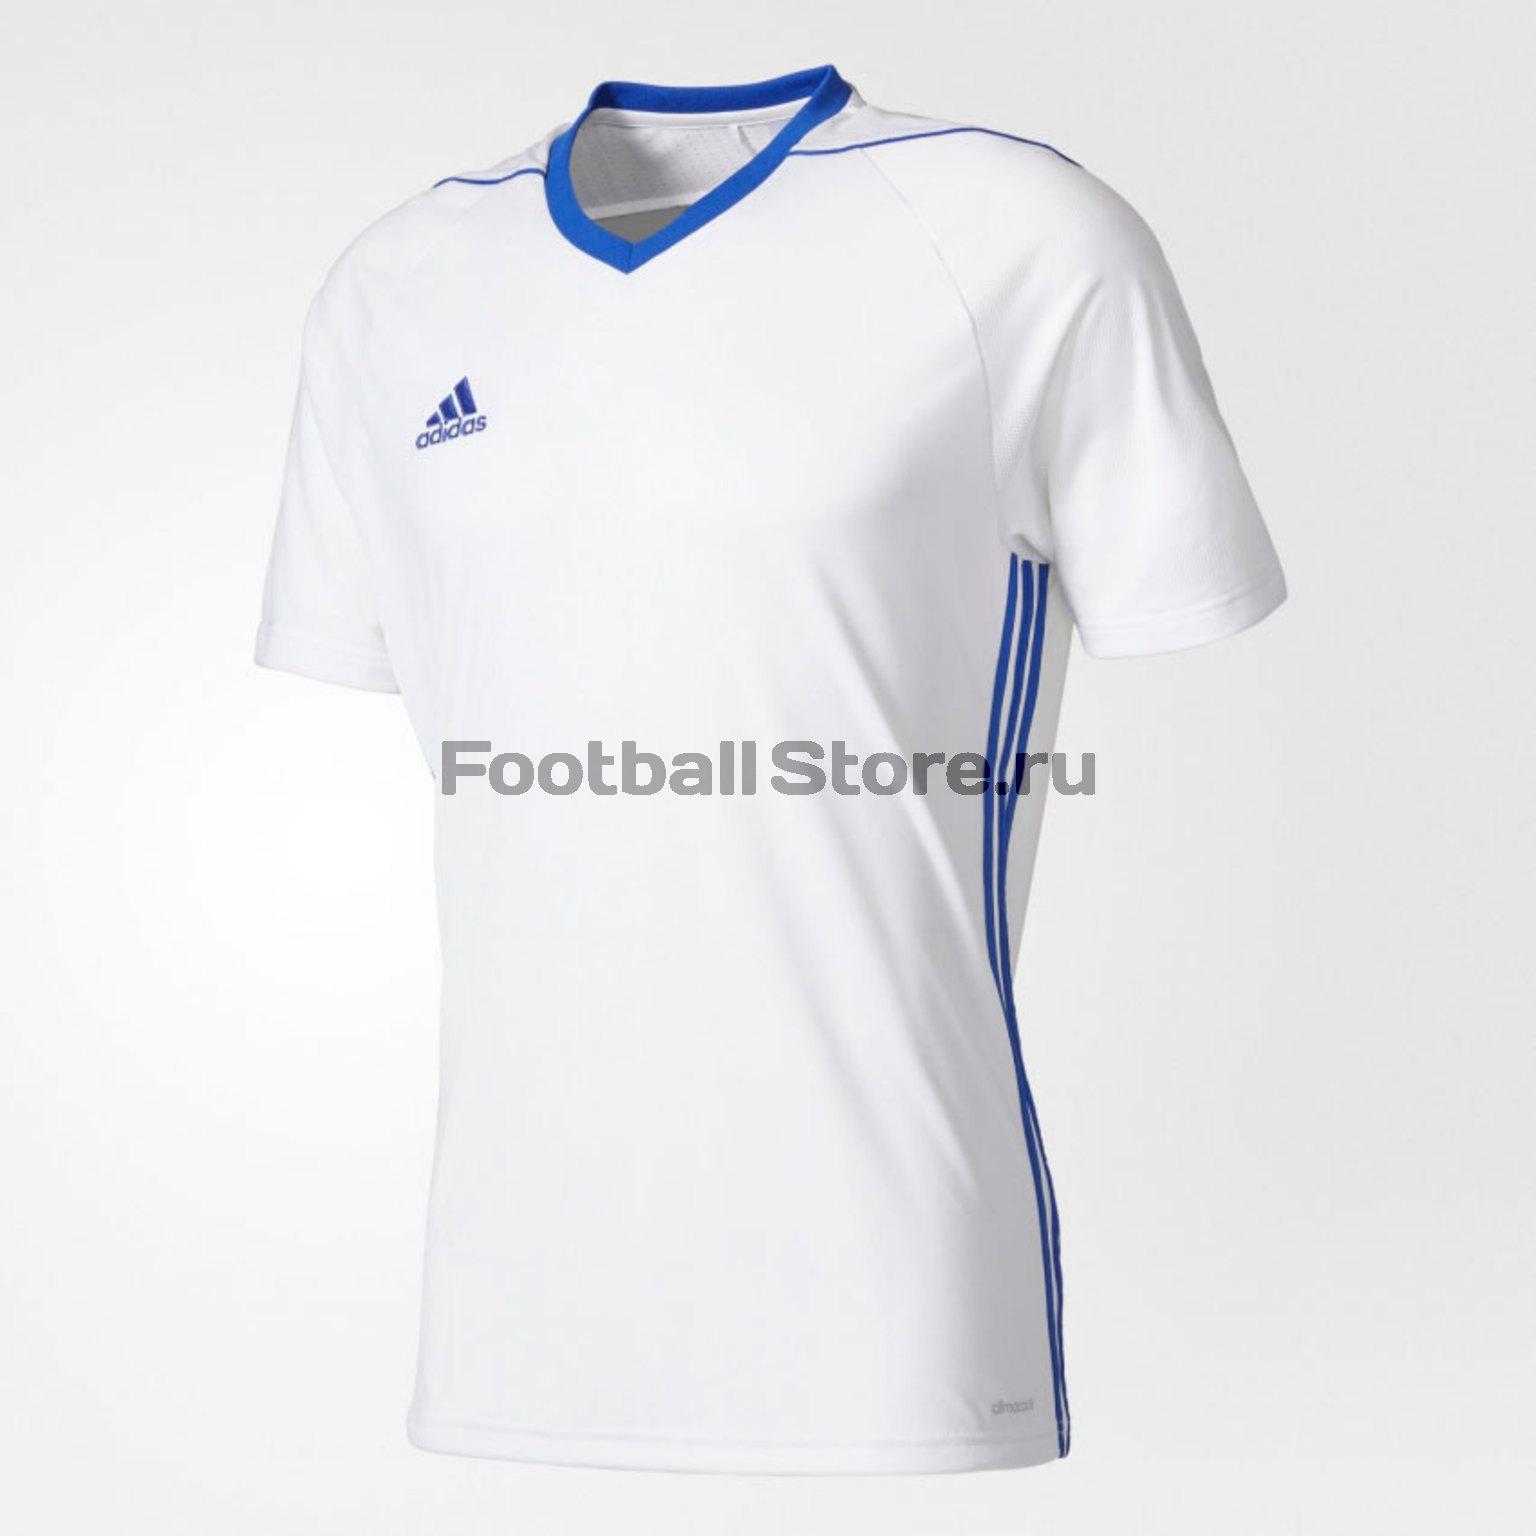 Футболки Adidas Футболка игровая Adidas Tiro17 JSY BK5434